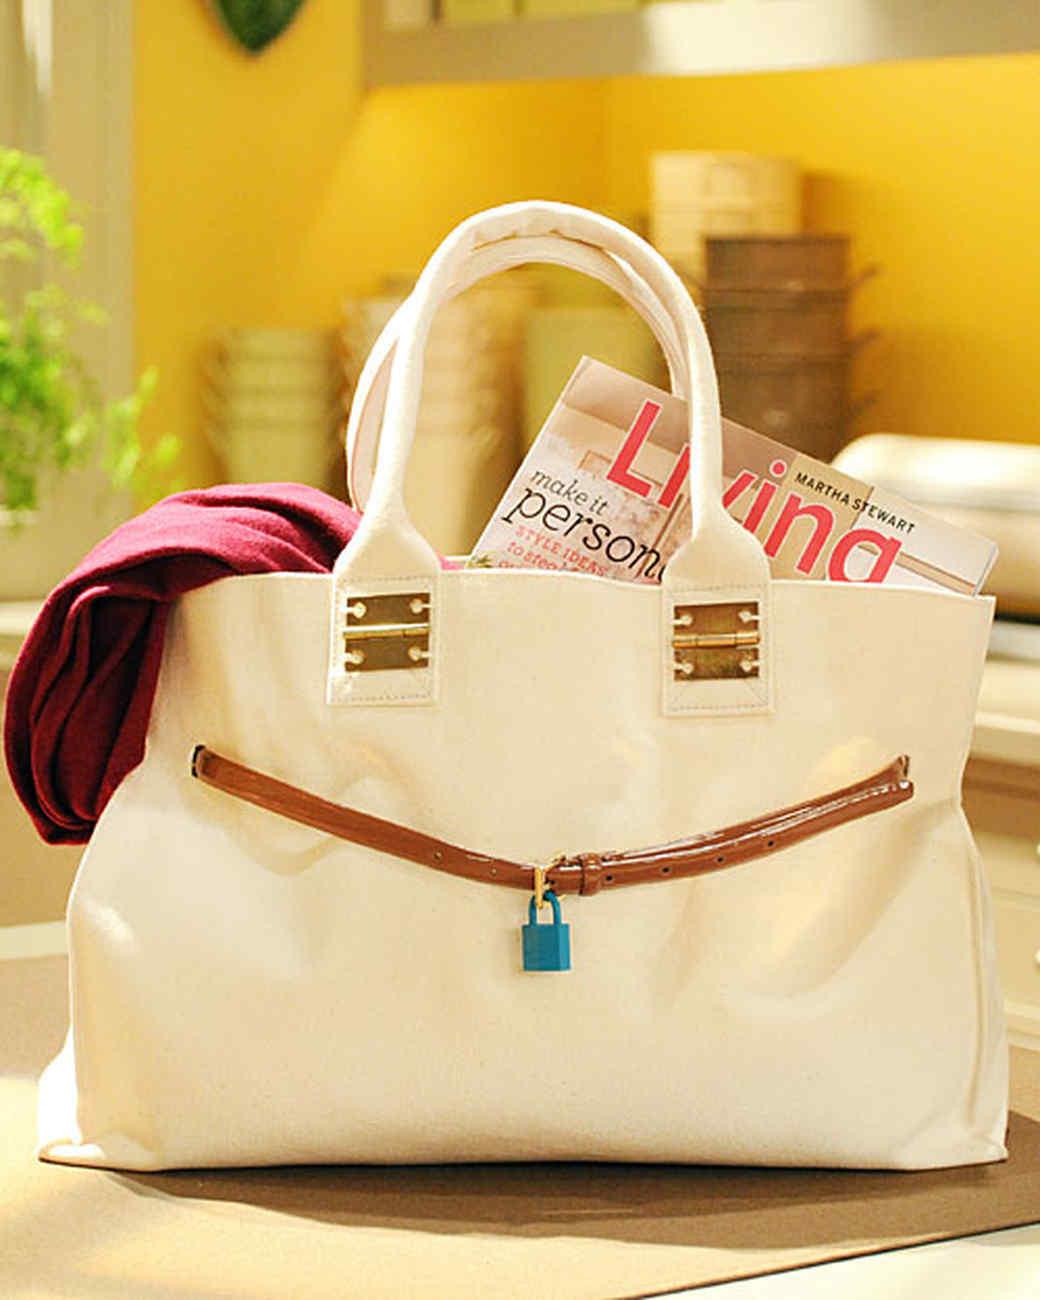 6005_091610_handbag.jpg